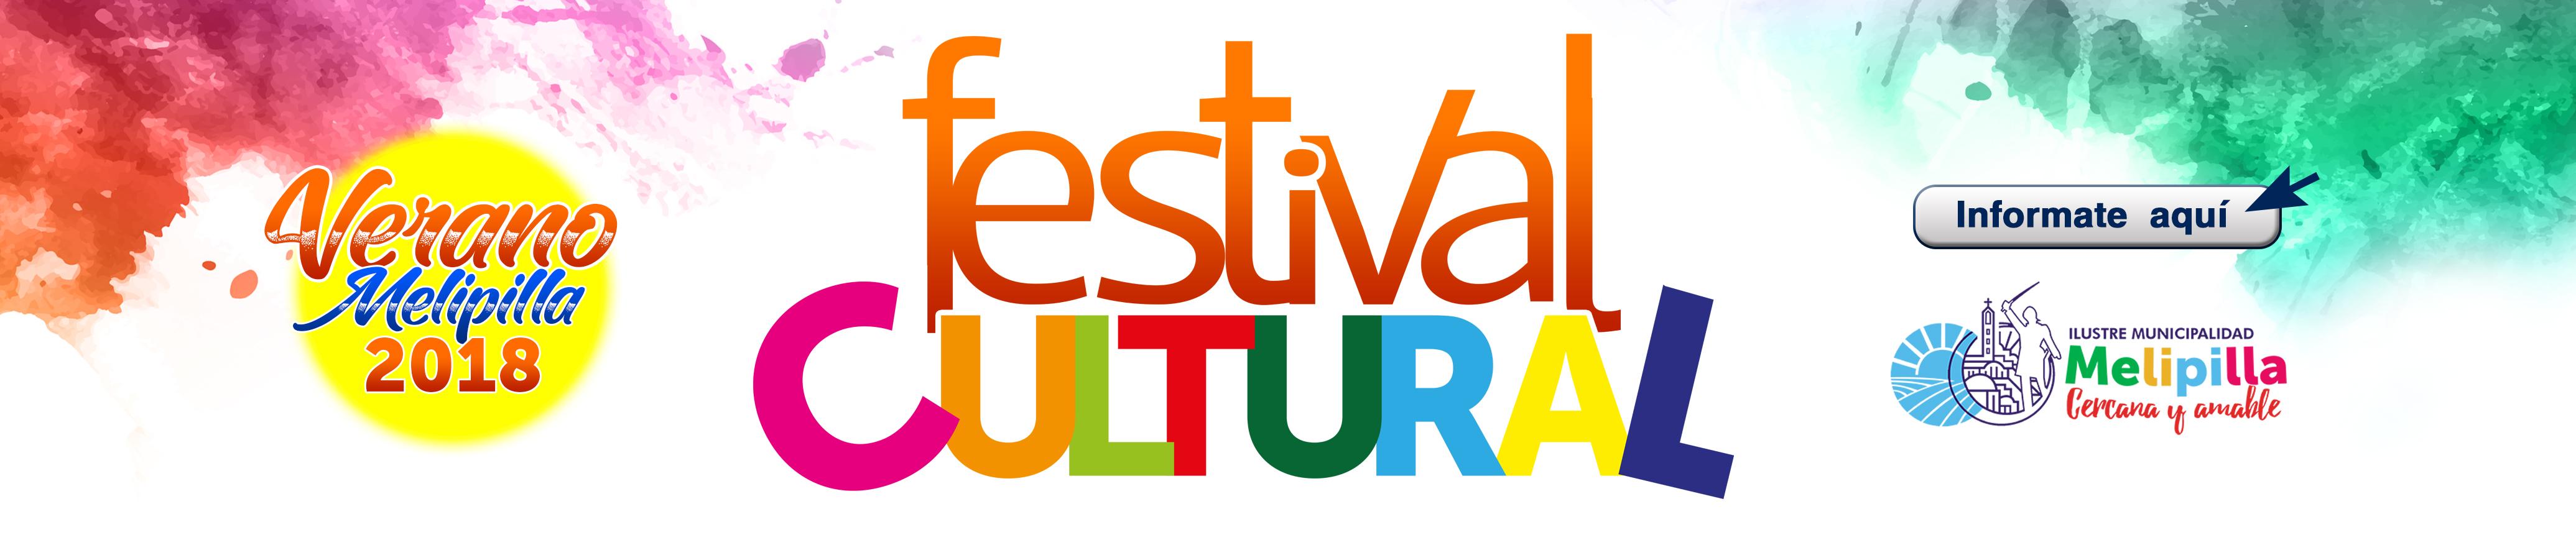 slider-festival-cultural